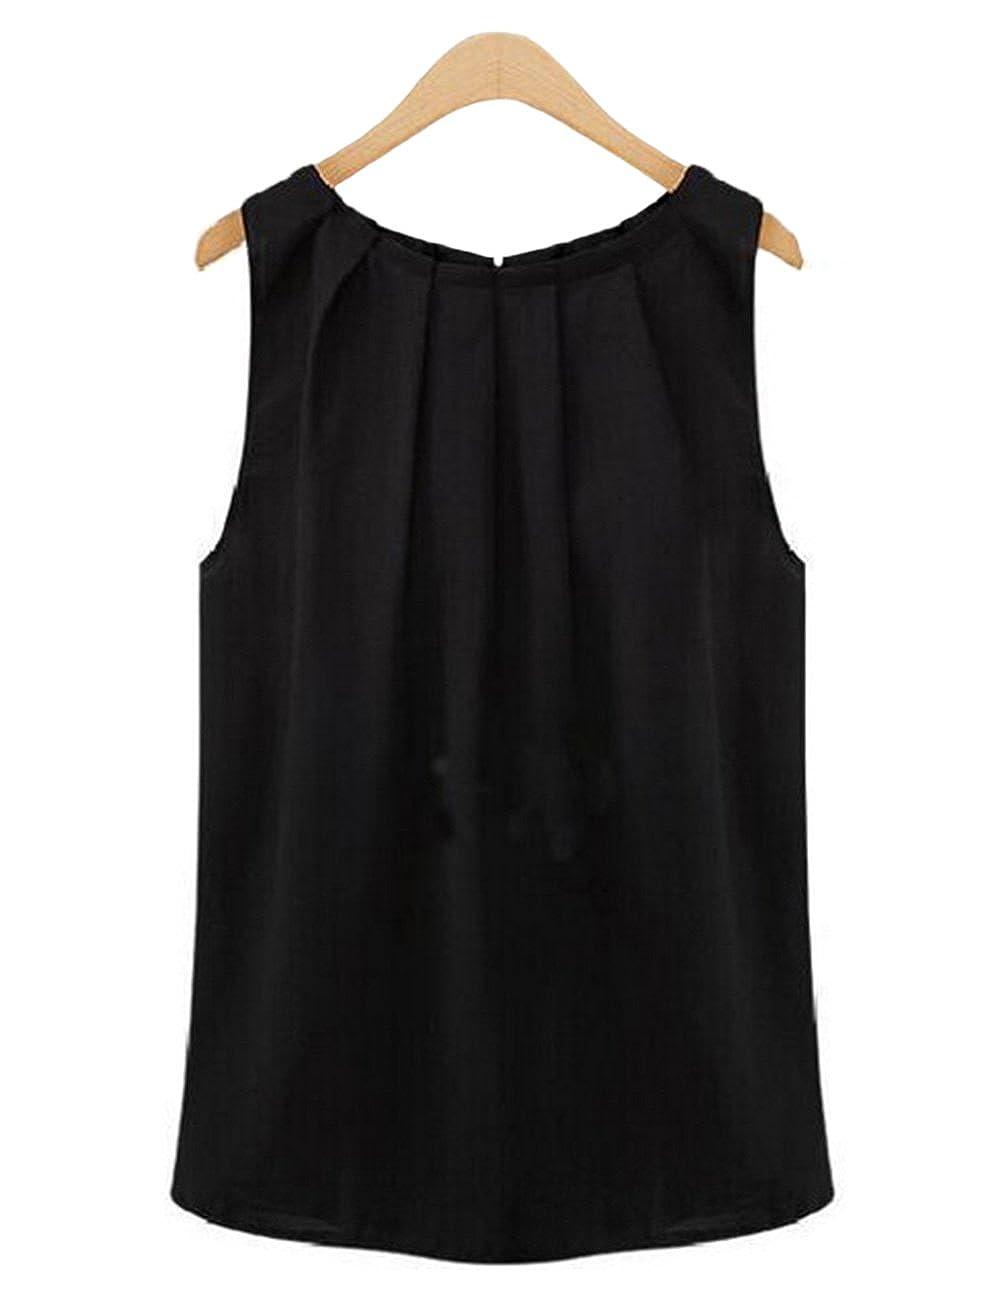 Cibeat Camisa sin mangas de la gasa del cuello redondo de las mujeres Jersey con estilo Base camisa Tops regalo at Amazon Womens Clothing store: